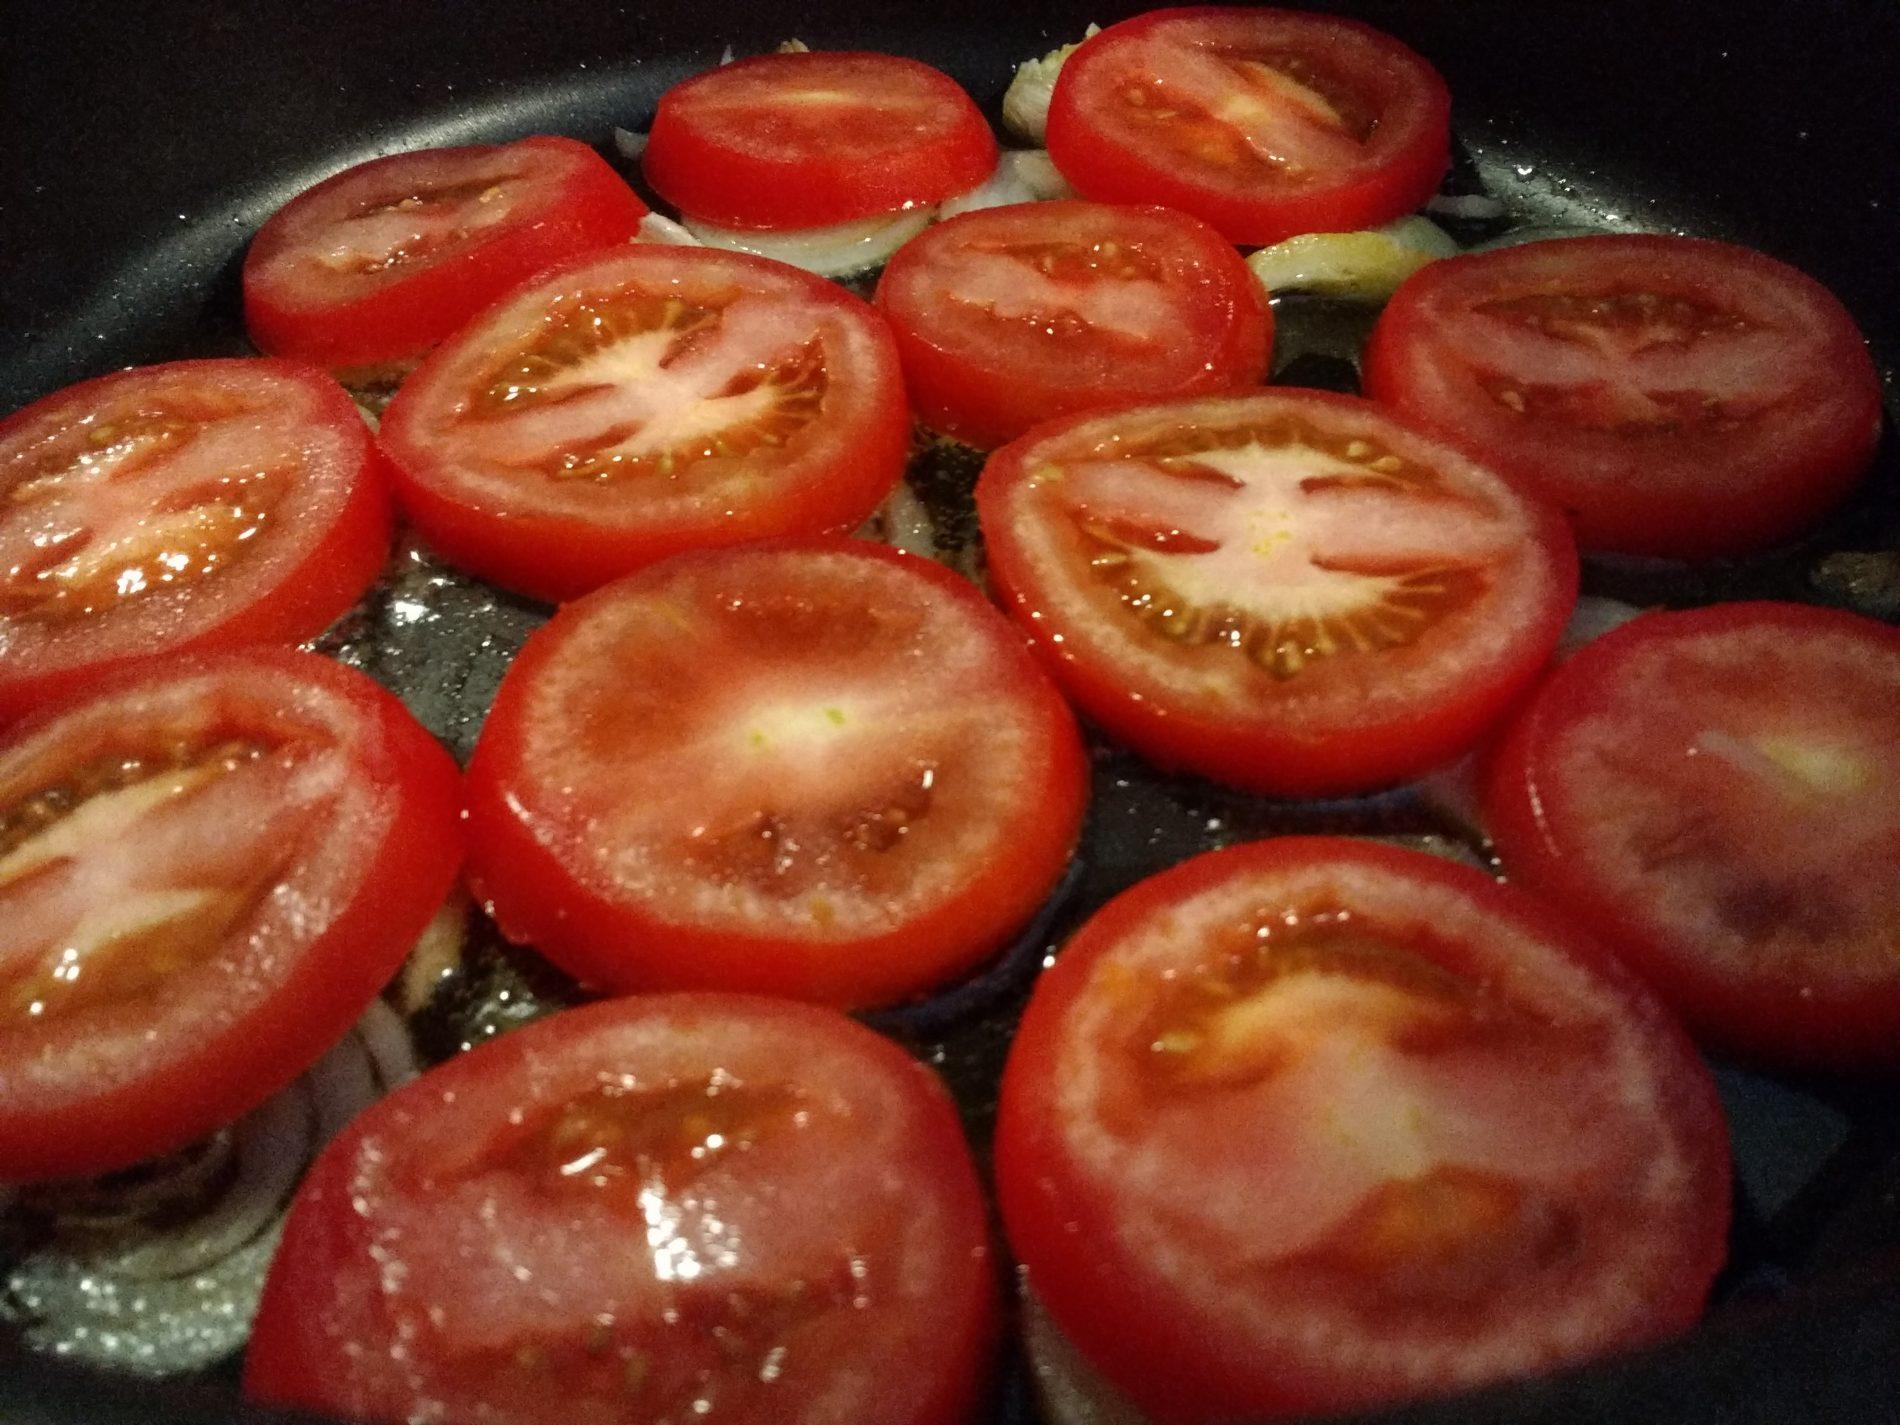 Nel caso abbiate optato per i pomodorini vale quanto descritto prima, limitatevi soltanto a tagliarli a metà adagiandoli pancia in sotto (il lato tagliato) a coprire tutto il fondo della casseruola.